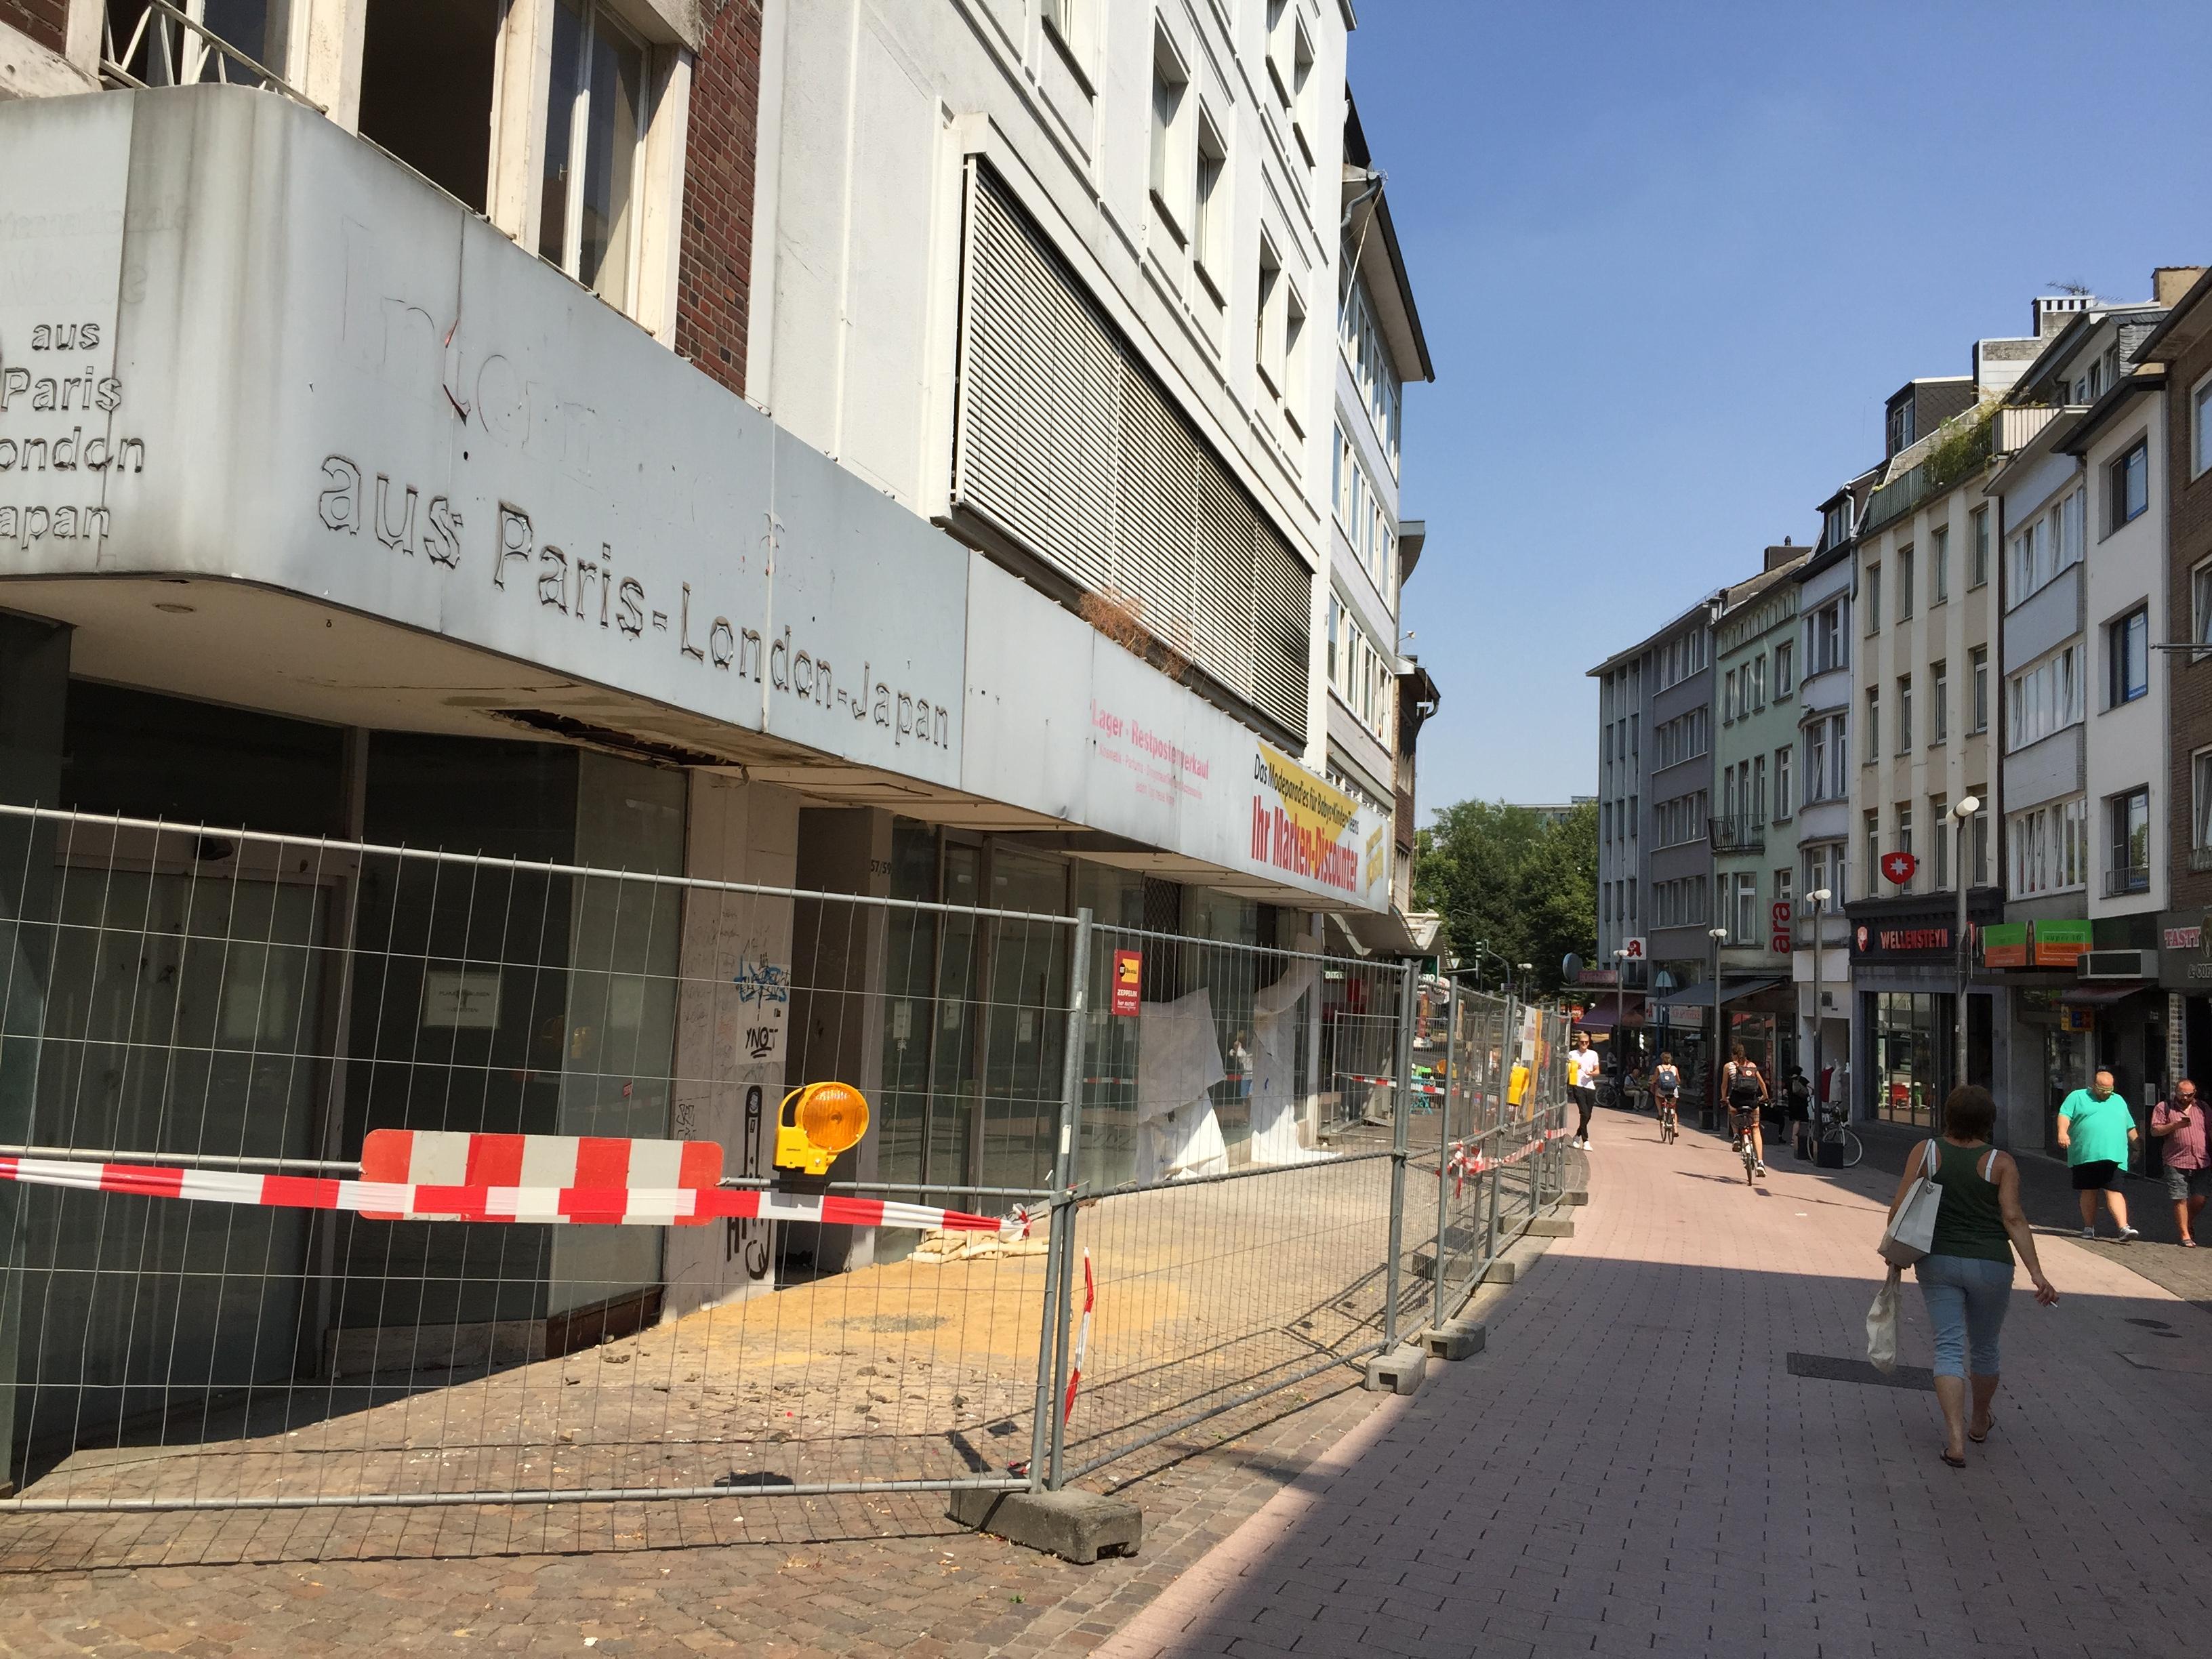 Schrottimmobilie fällt, Hotel wird gebaut